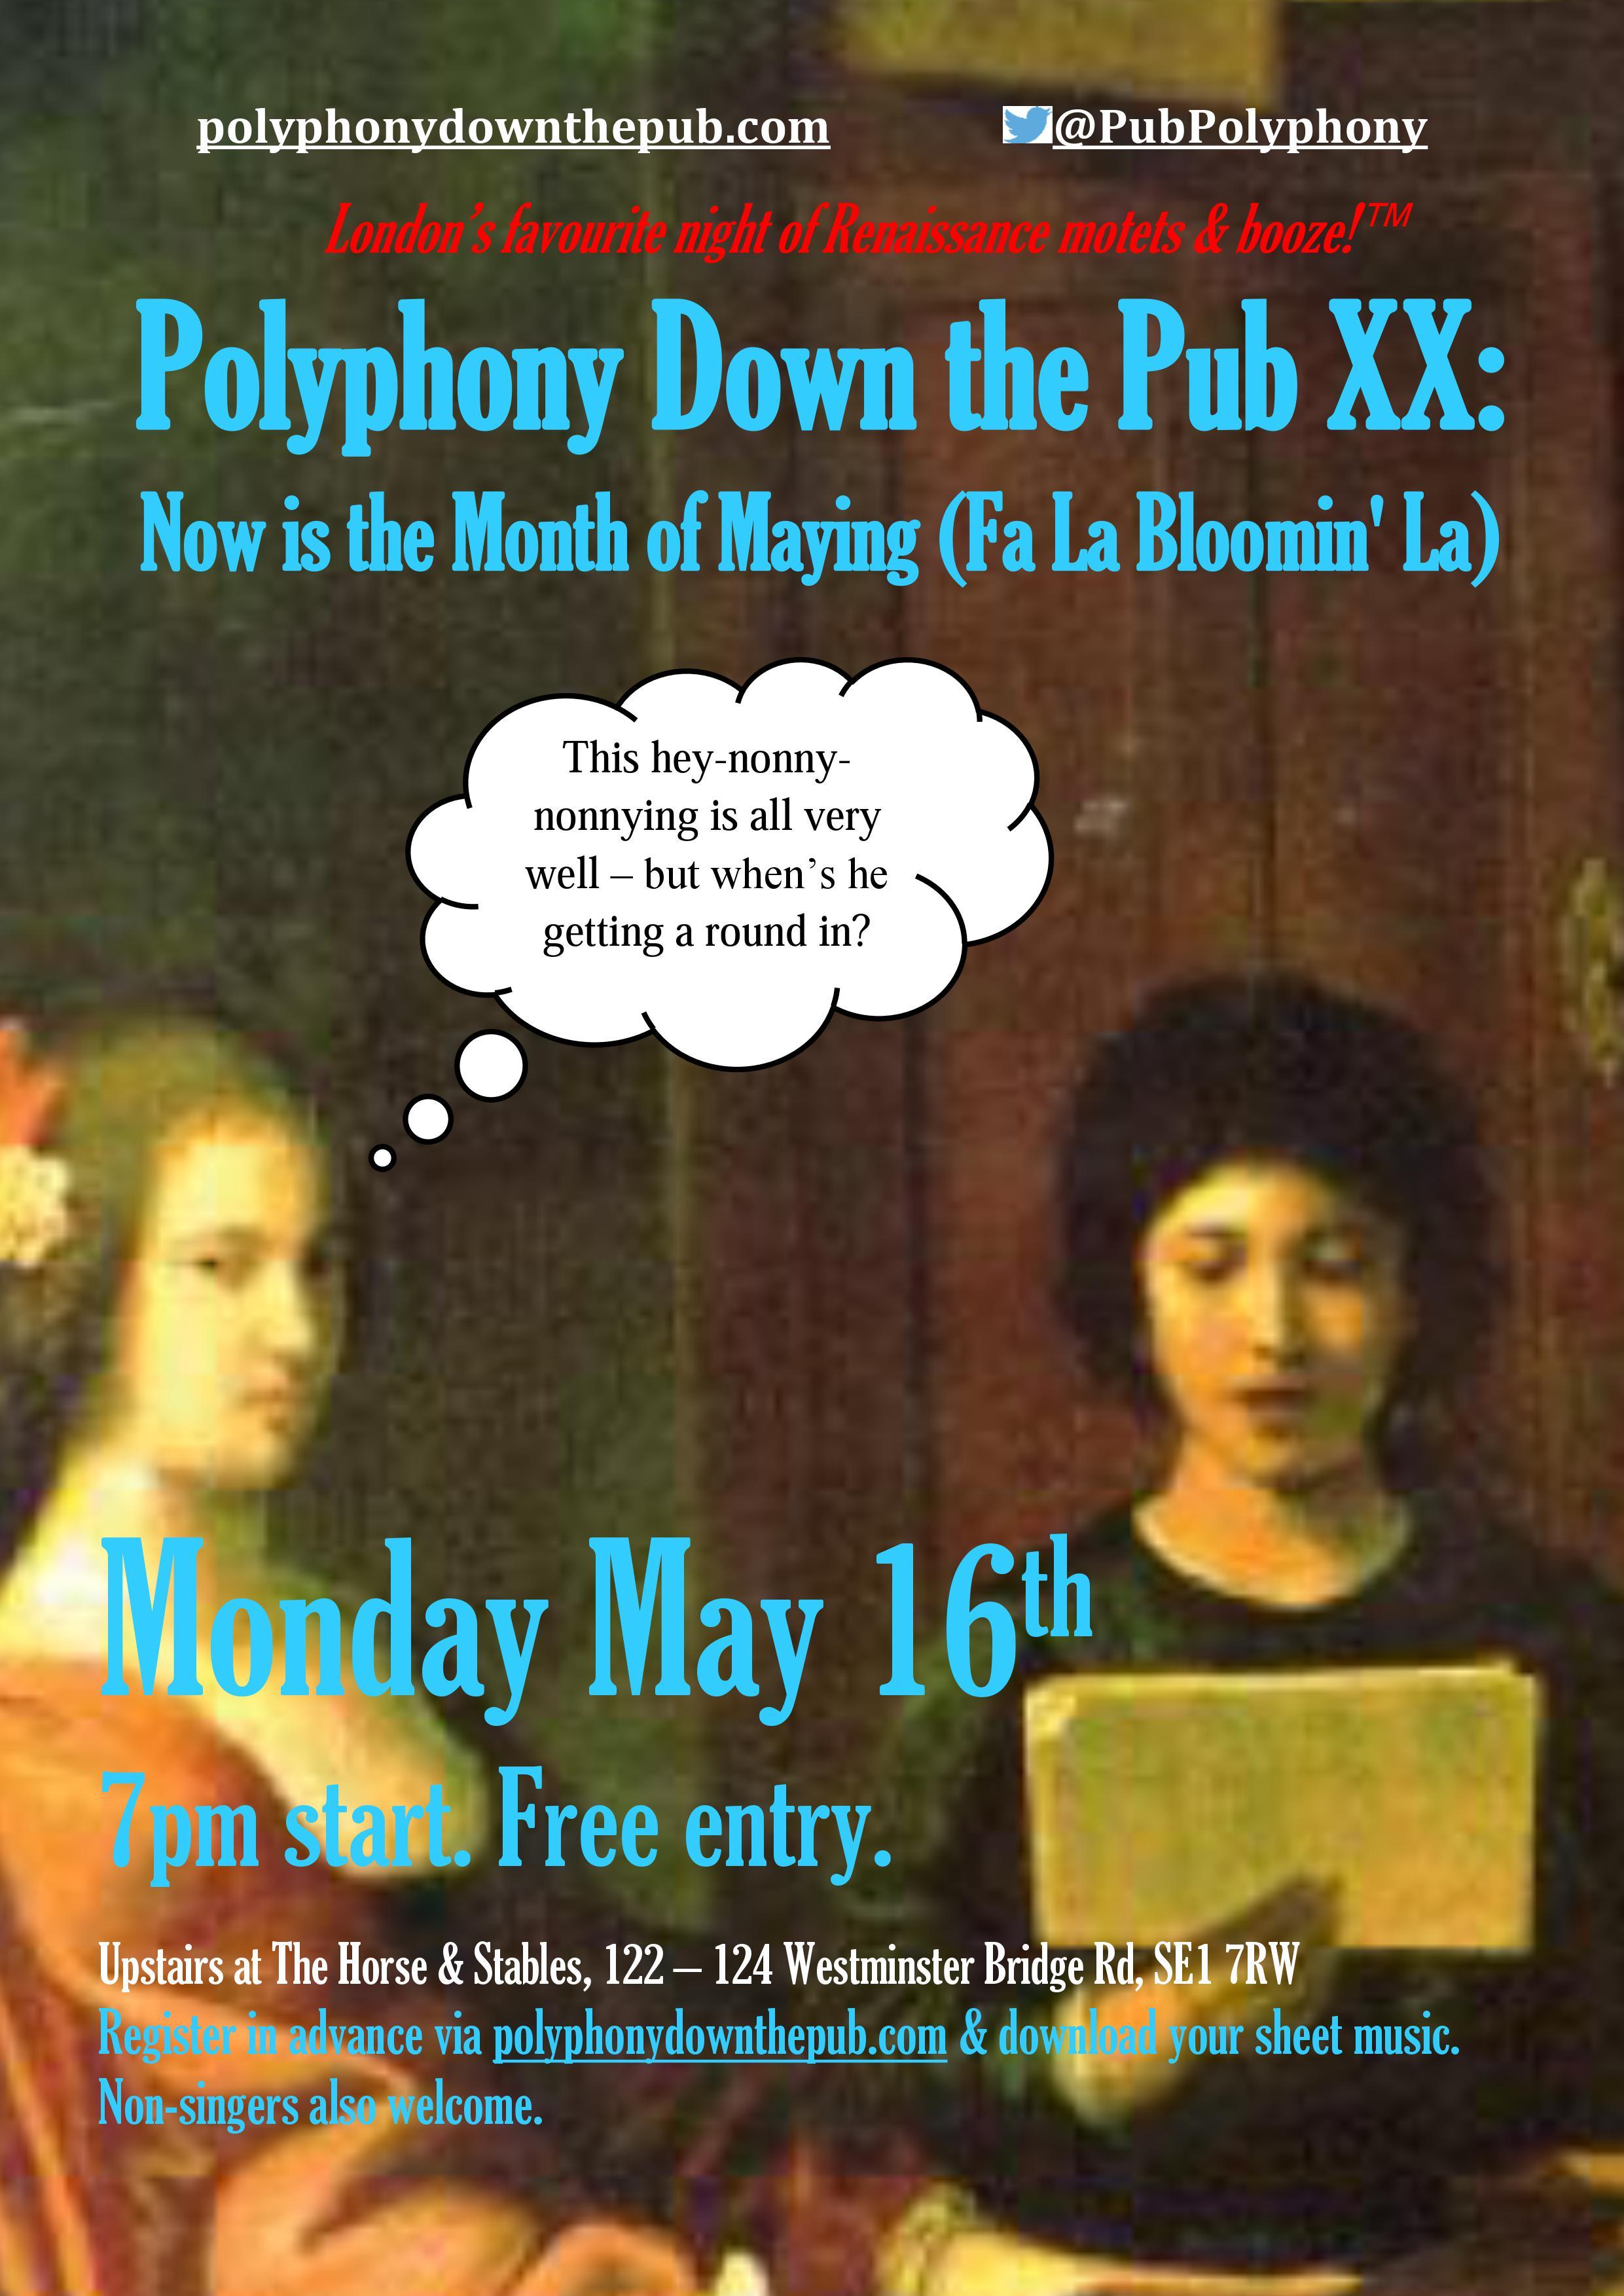 PDtP 20 poster